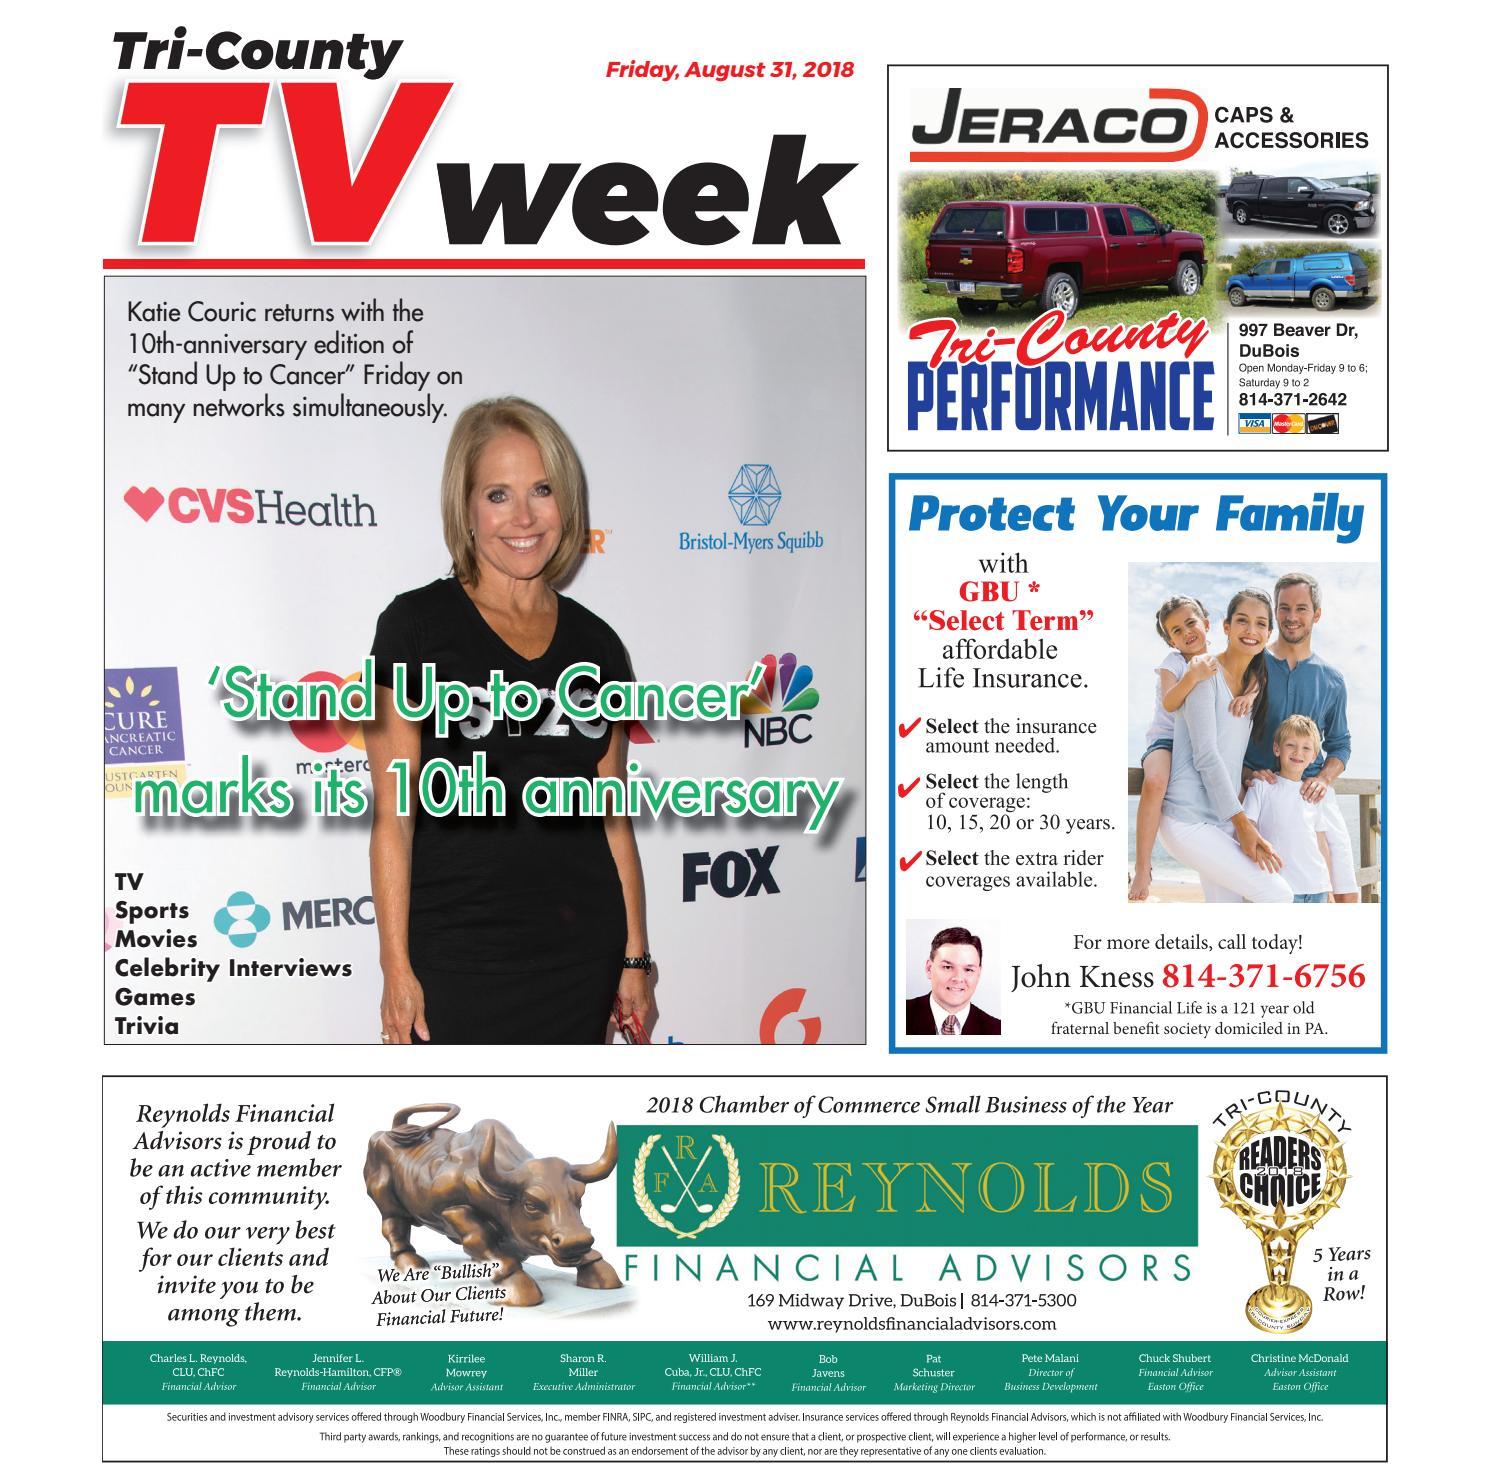 c4b14cfa7ab6 TV Week Friday